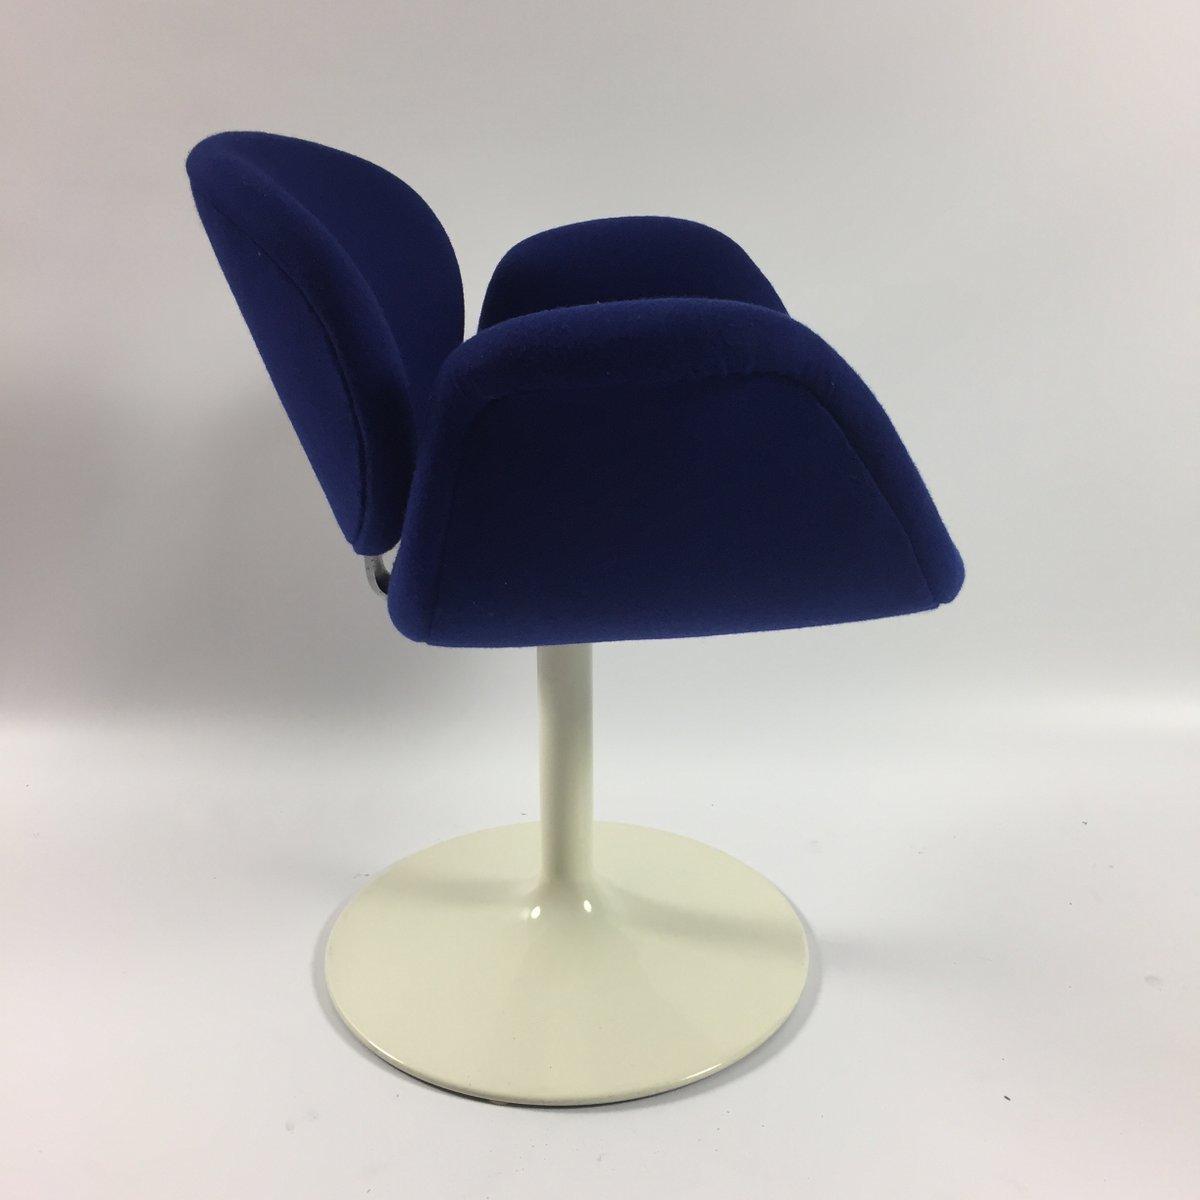 petit fauteuil tulipe bleu par pierre paulin pour artifort 1960s 5 Résultat Supérieur 49 Luxe Petit Fauteuil Bleu Image 2017 Kse4